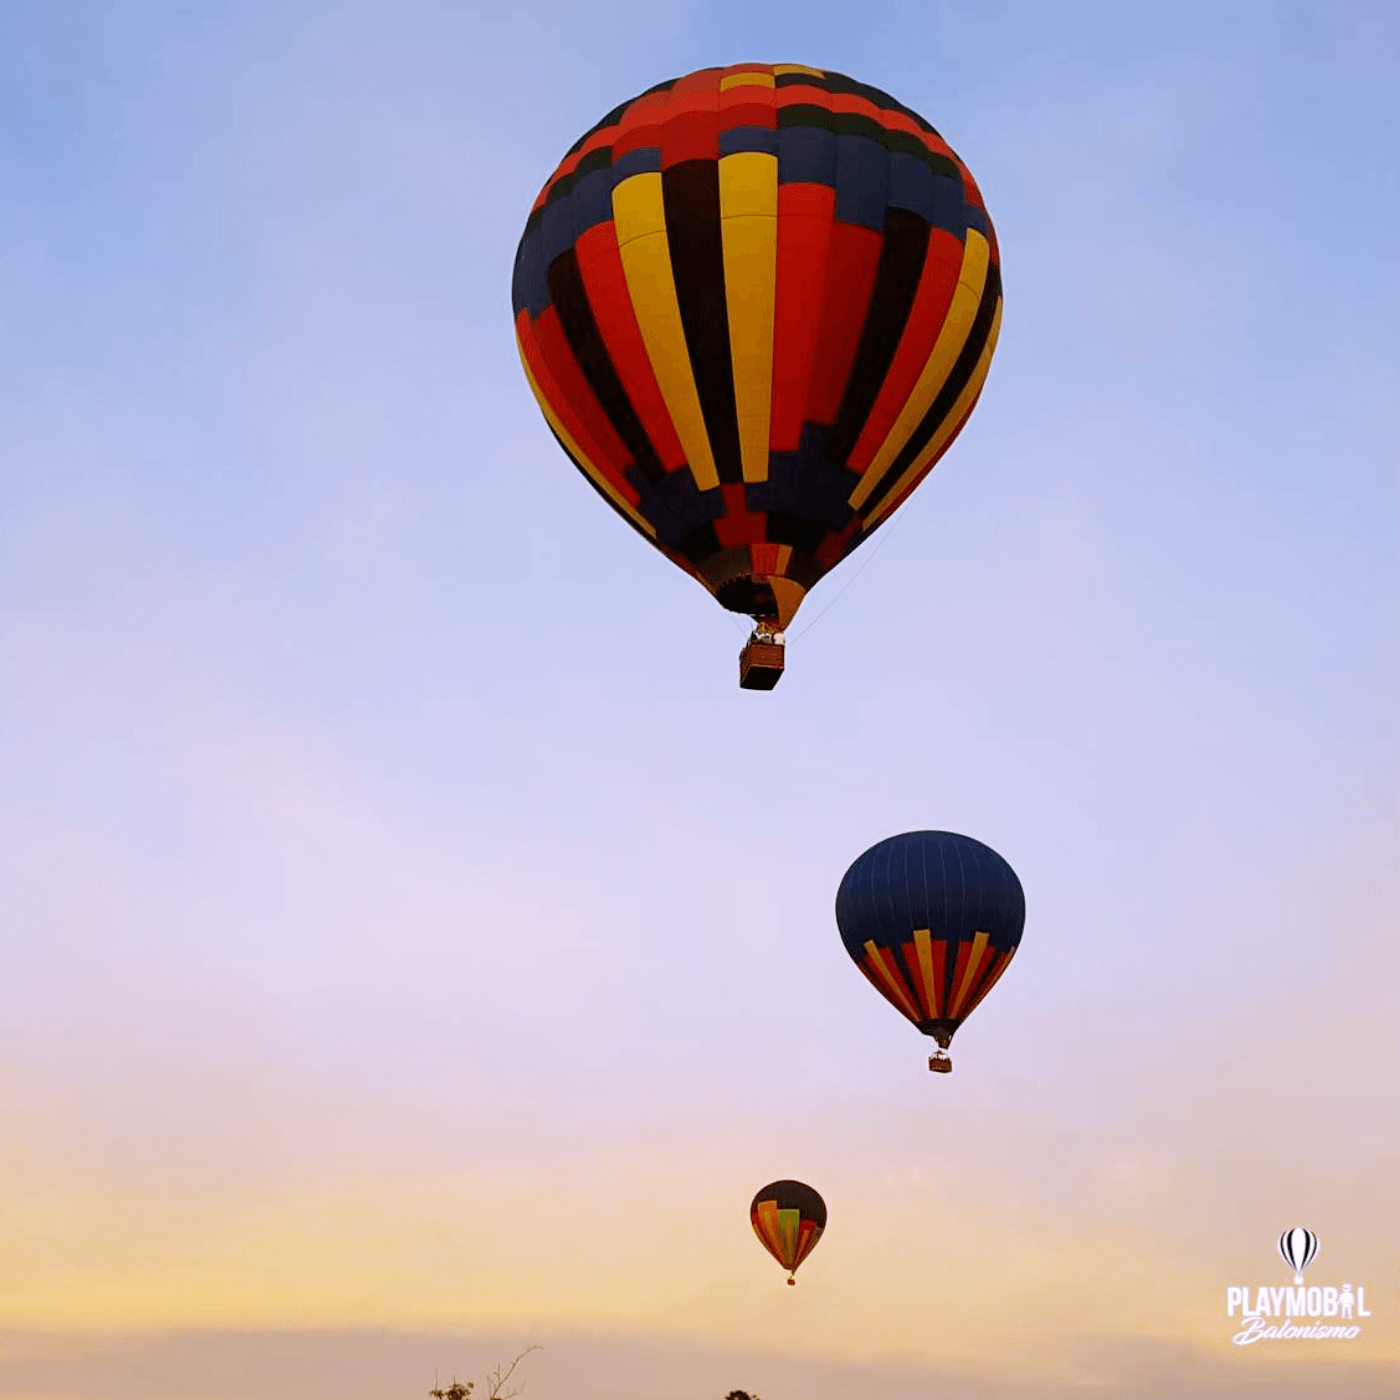 Passeio de Balão para Família em Boituva-SP (DOIS ADULTOS E DUAS CRIANÇAS DE ATÉ 10 ANOS)